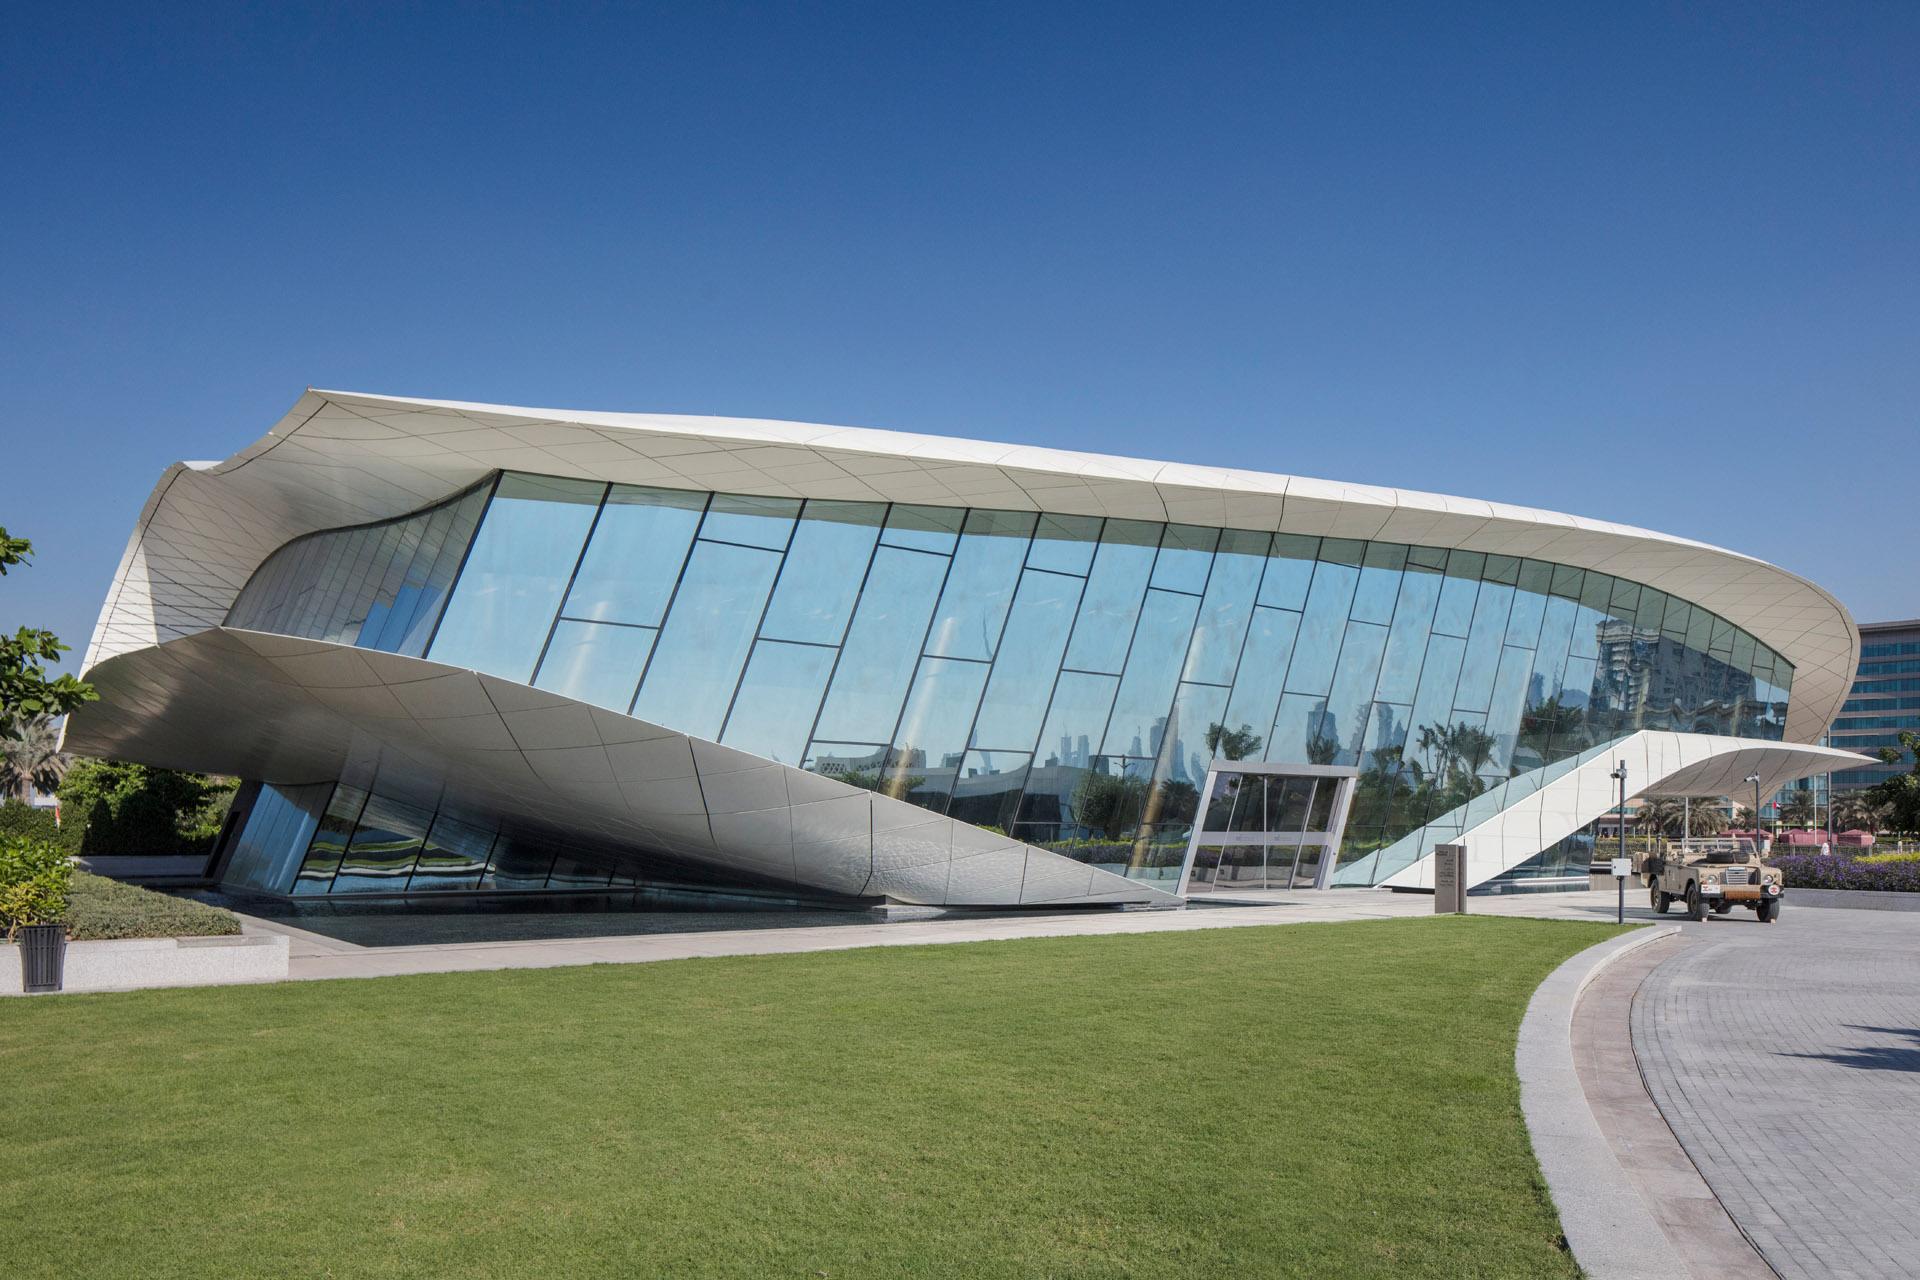 FL111 4 - ETIHAD MUSEUM